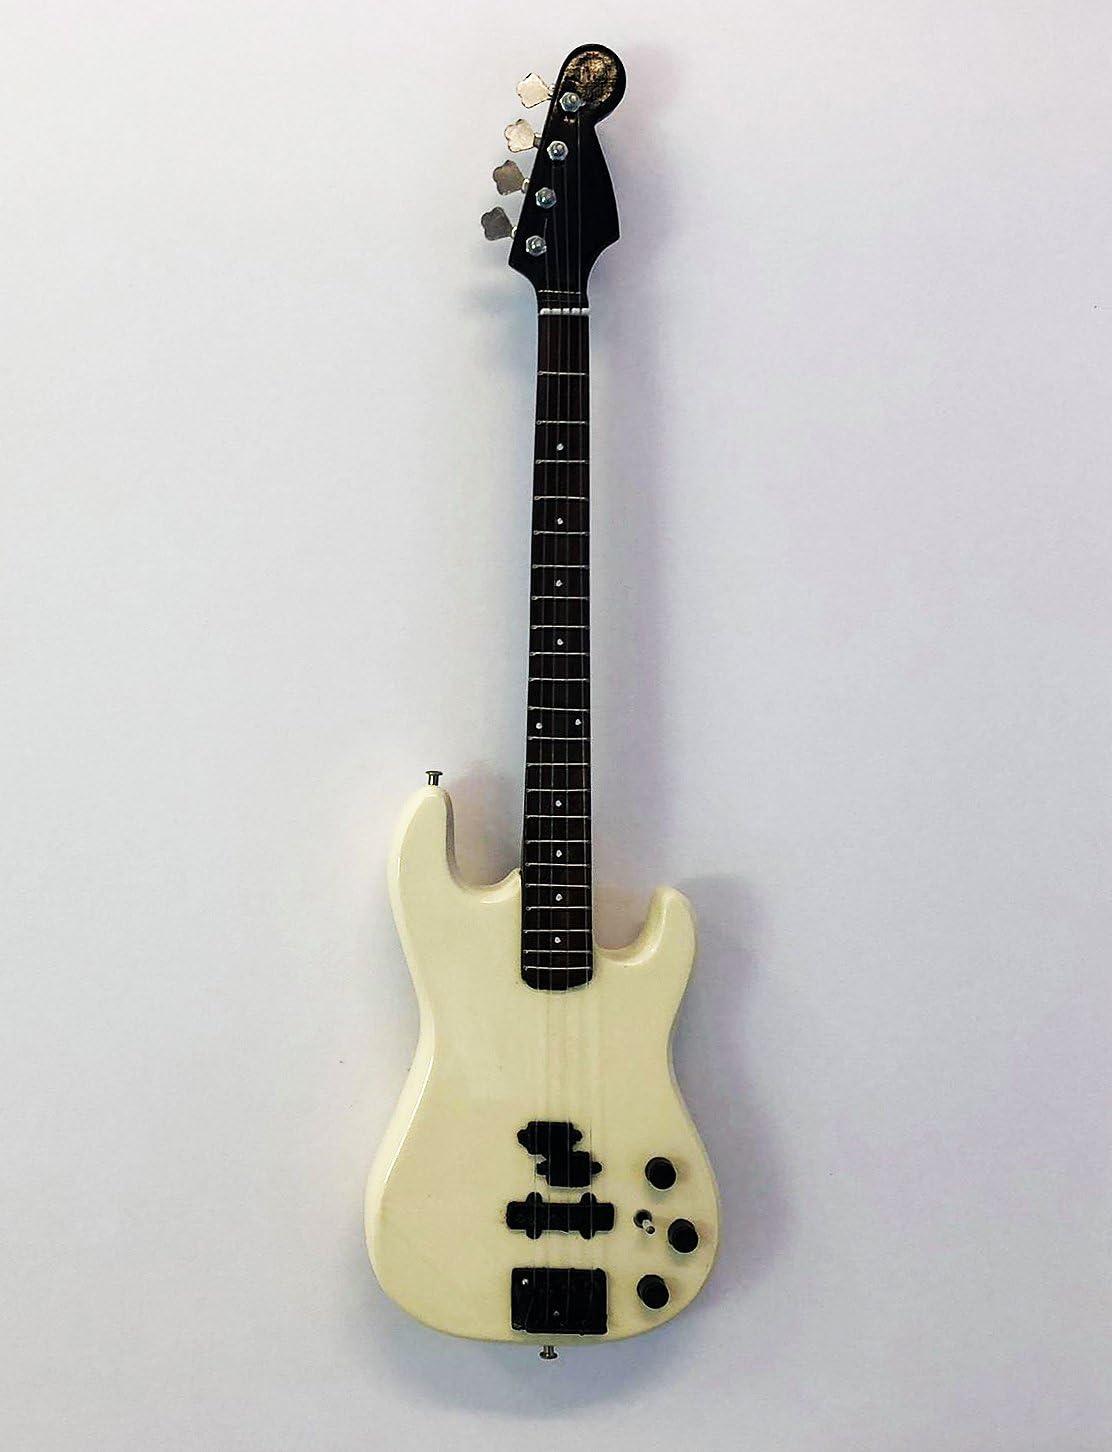 Guns N Roses Duff McKagan Miniature Guitar Replica UK Seller : Fender P-Bass